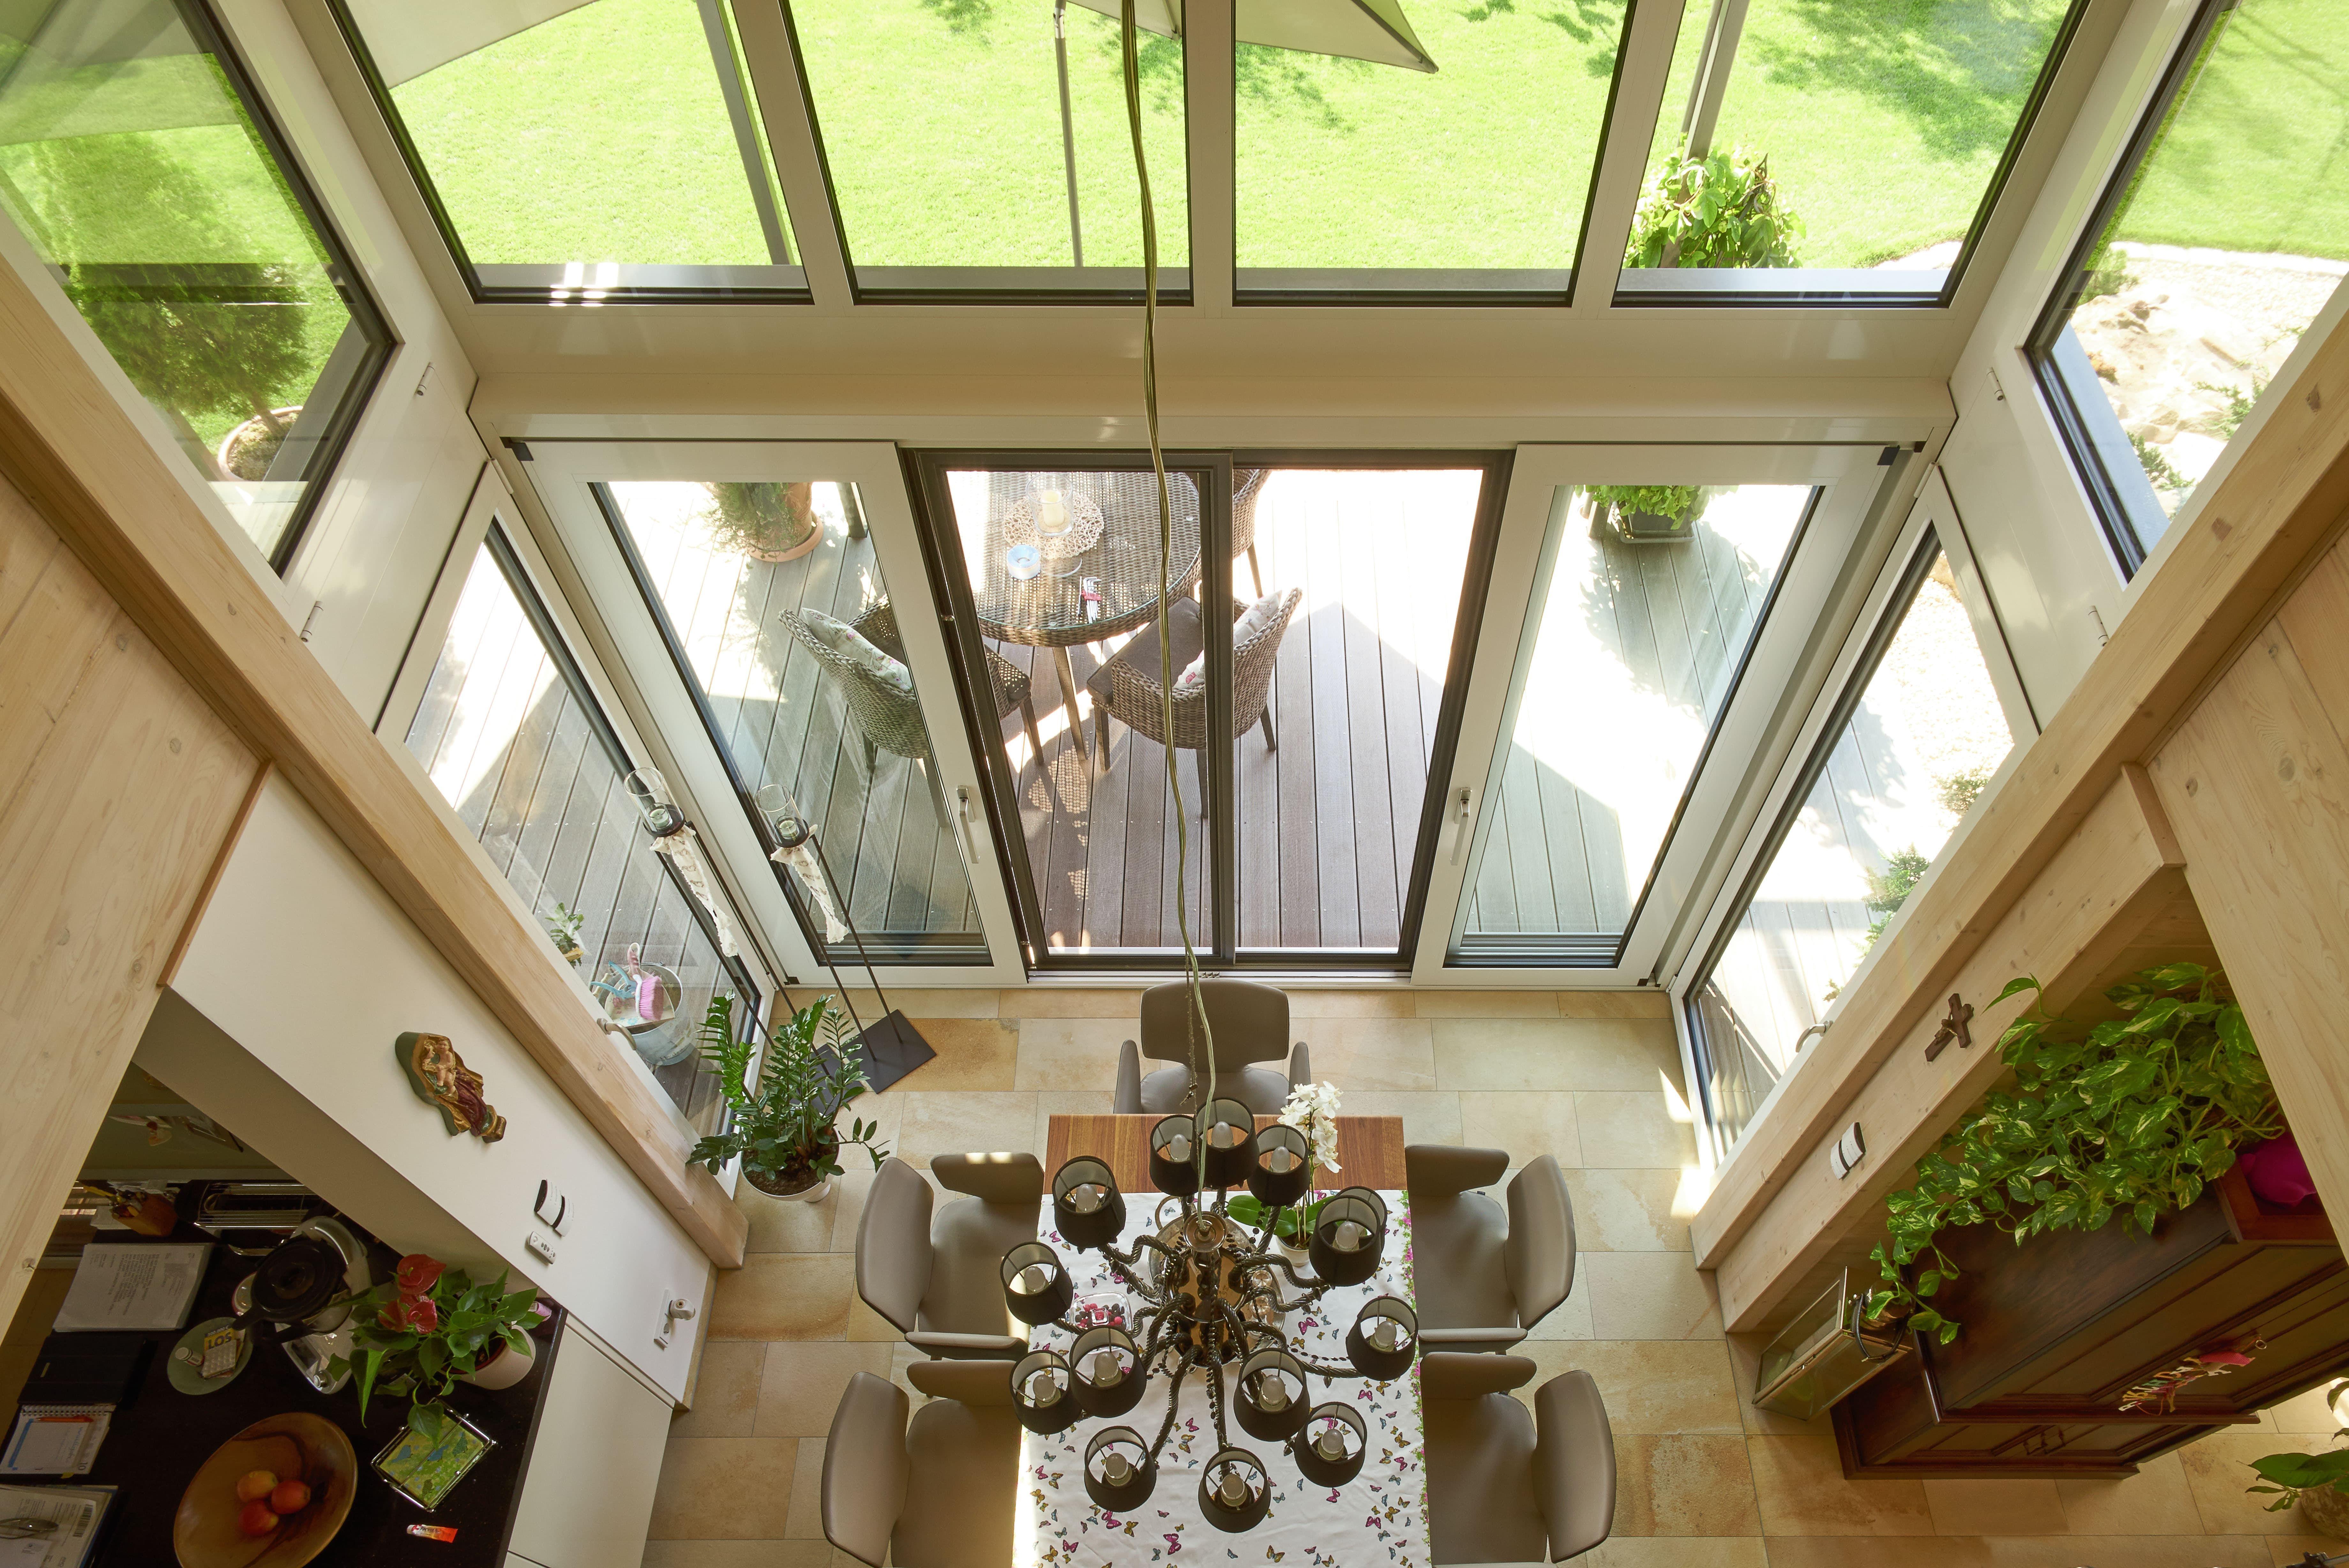 Dieses großzügige Haus läßt keine Wünsche offen harmonisch gestaltete Wohnräume Wellnessbereich mit Schwimmbad Dachterrassen zum Relaxen ei…